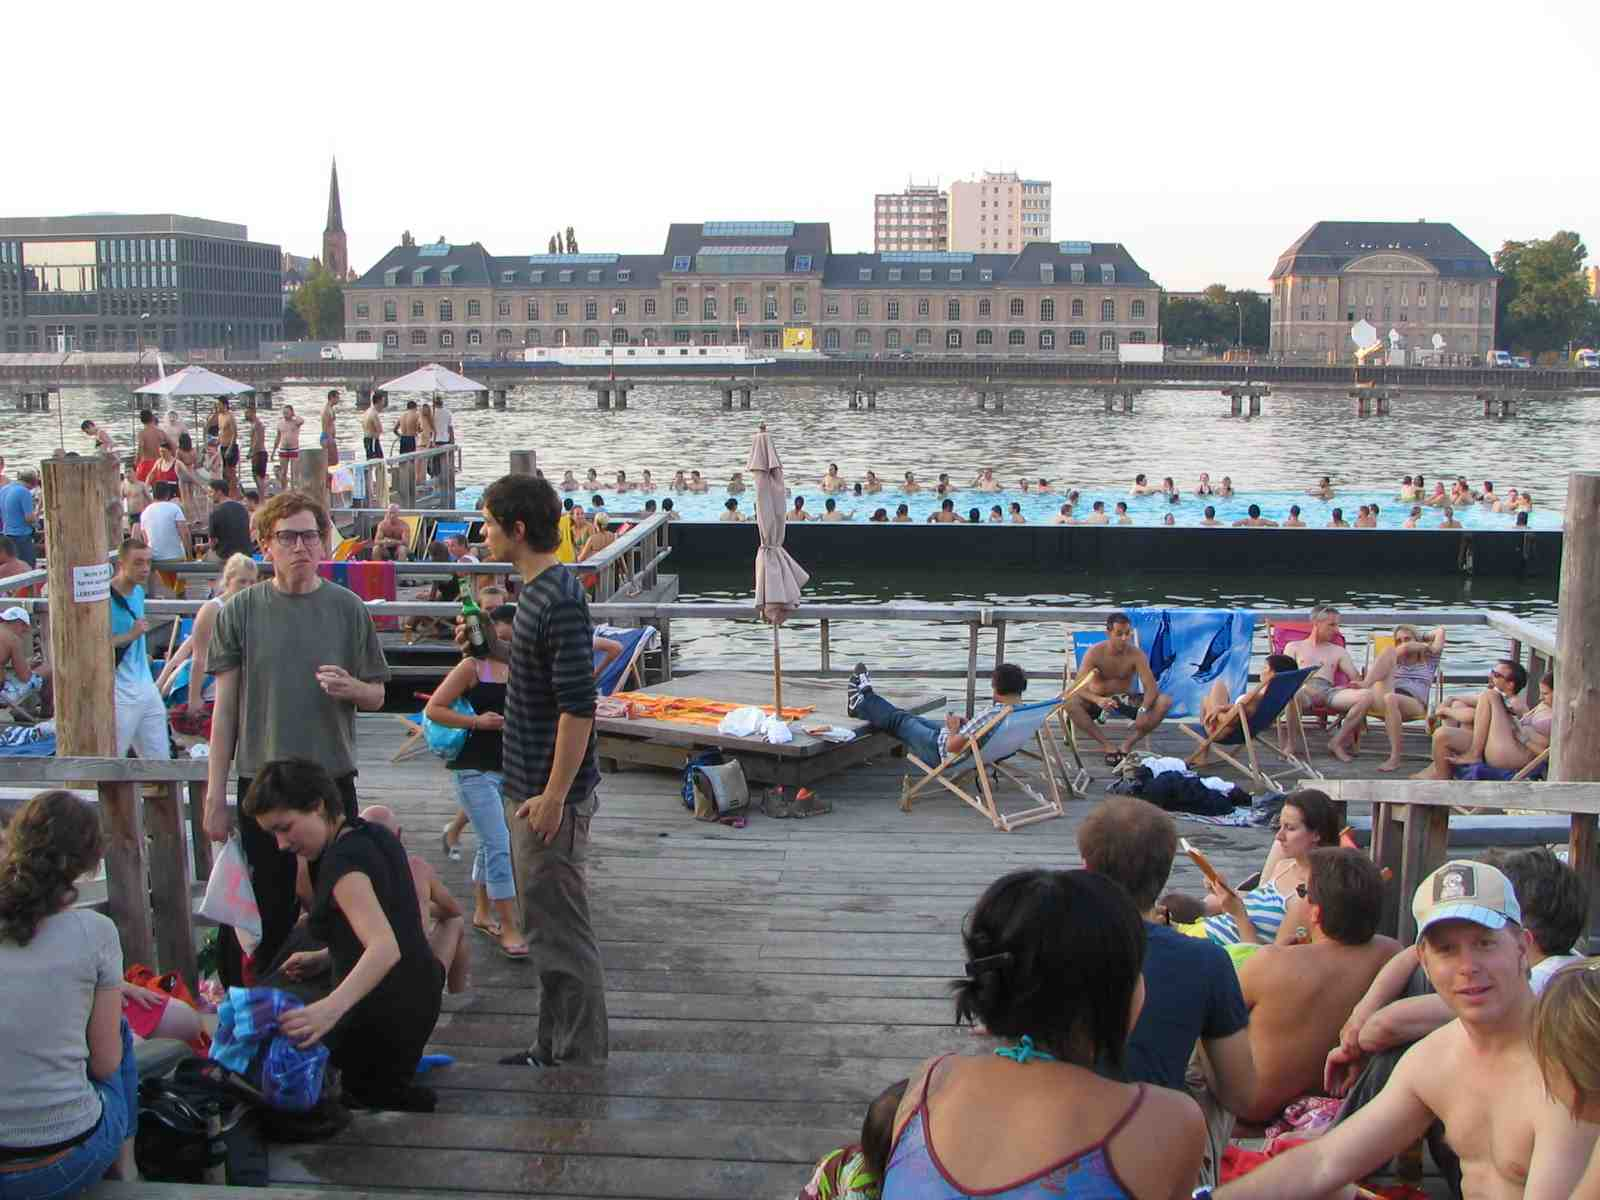 berlin-swiming-barge-2007.jpg